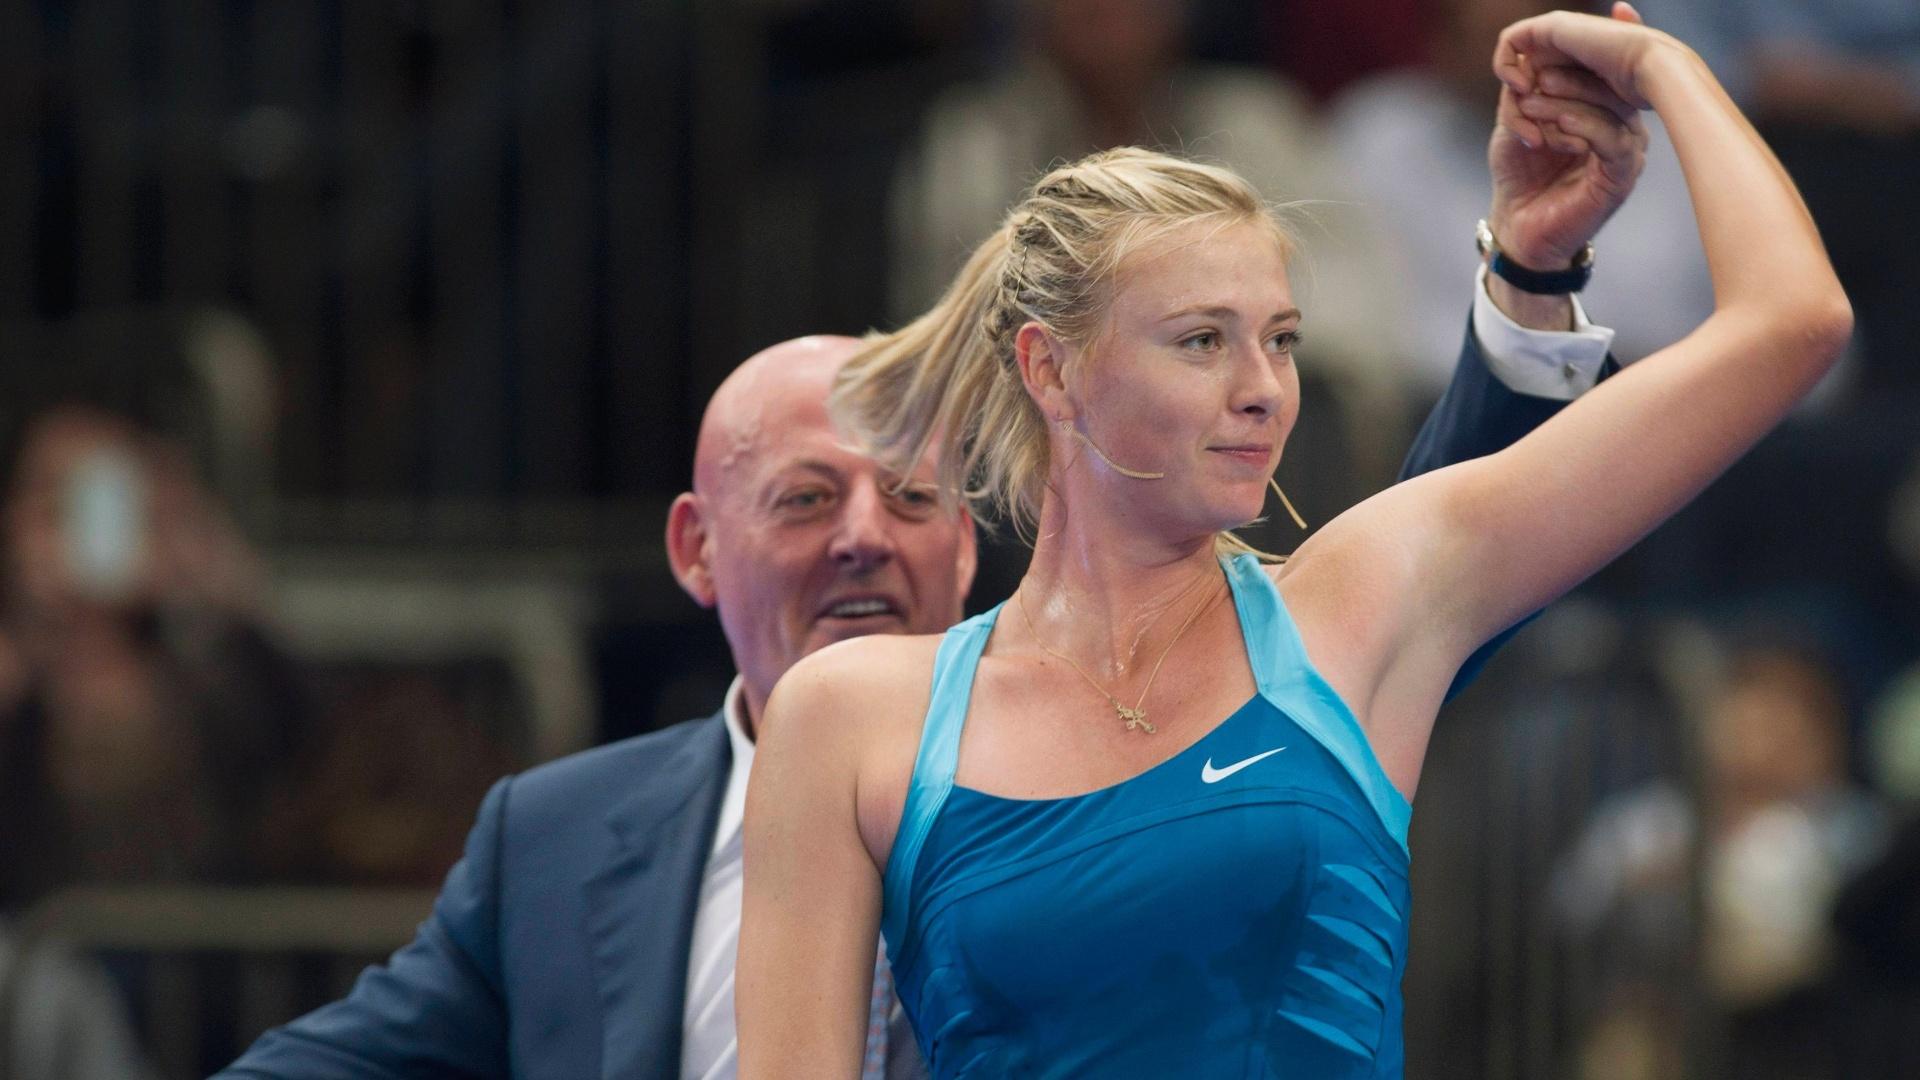 Sharapova também se divertiu em quadra e chamou para dançar um fã bem mais velho do que ela. O pé-de-valsa se empolgou com a russa e deu um show no Madison Square Garden (05/03/2012)